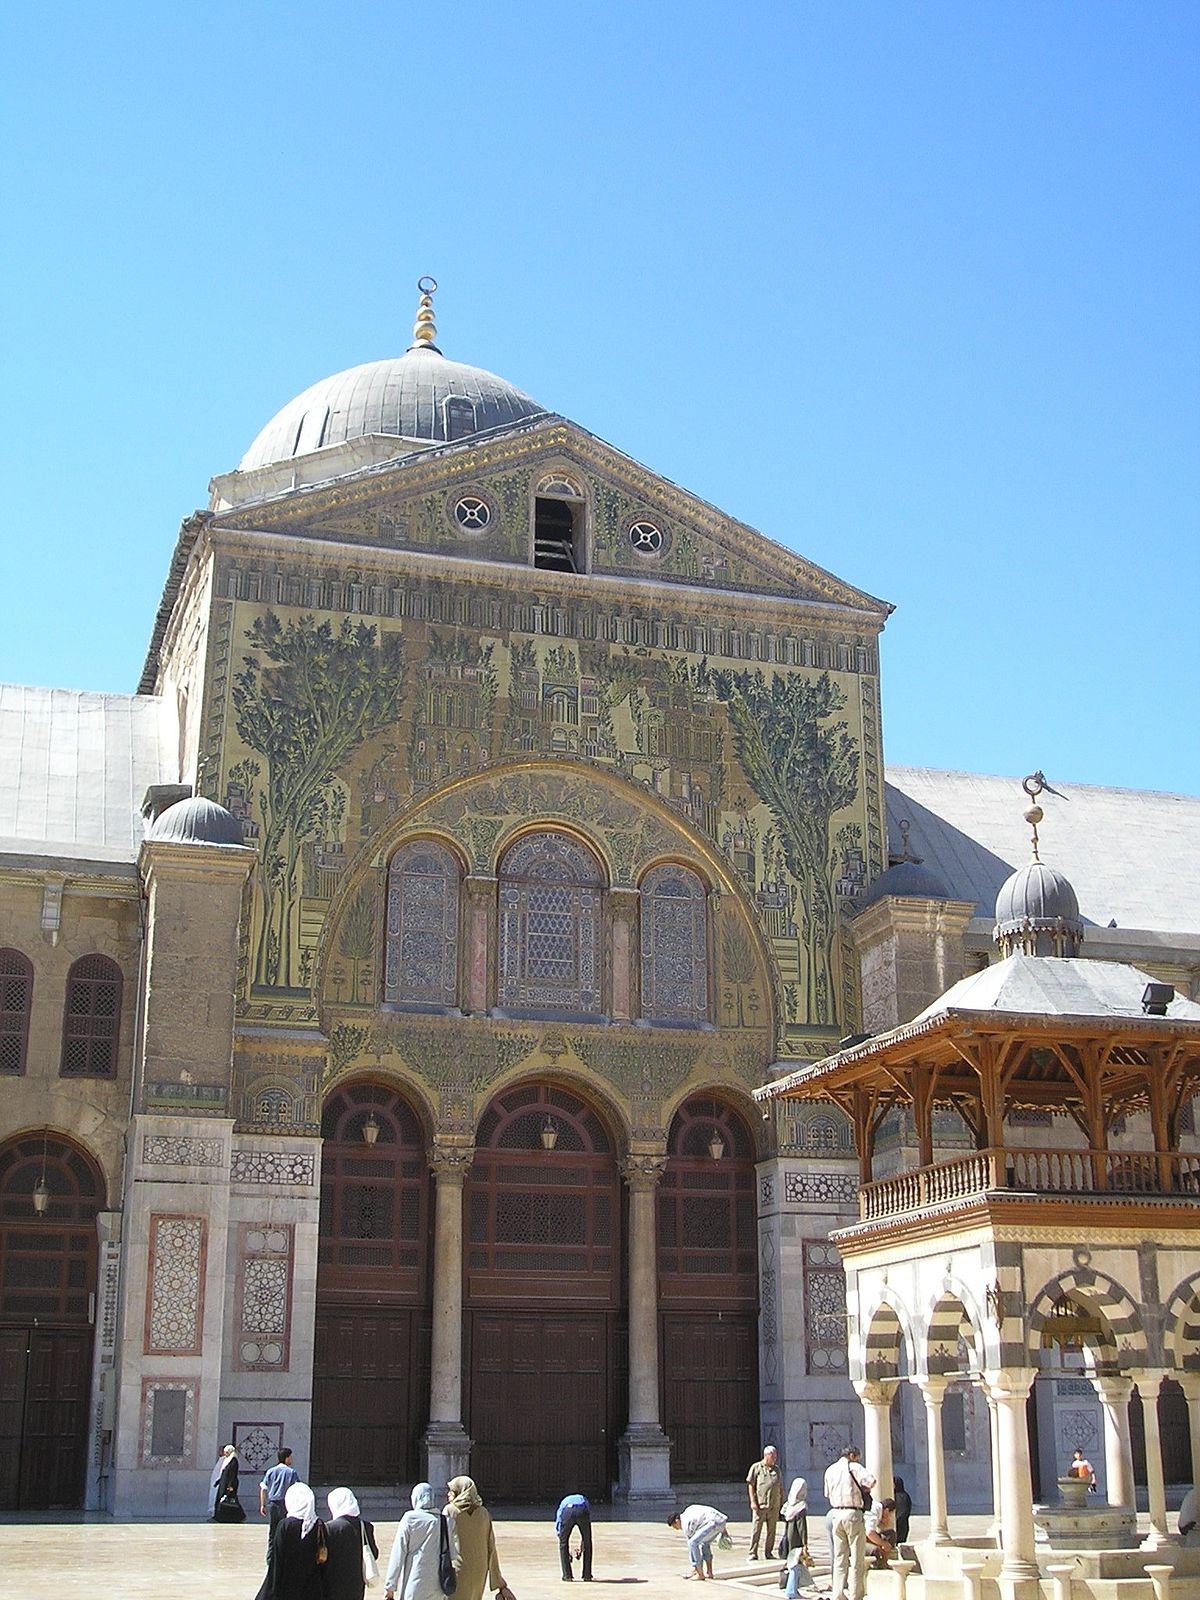 Mezquita de los omeyas wikipedia la enciclopedia libre - Fotos de damasco ...